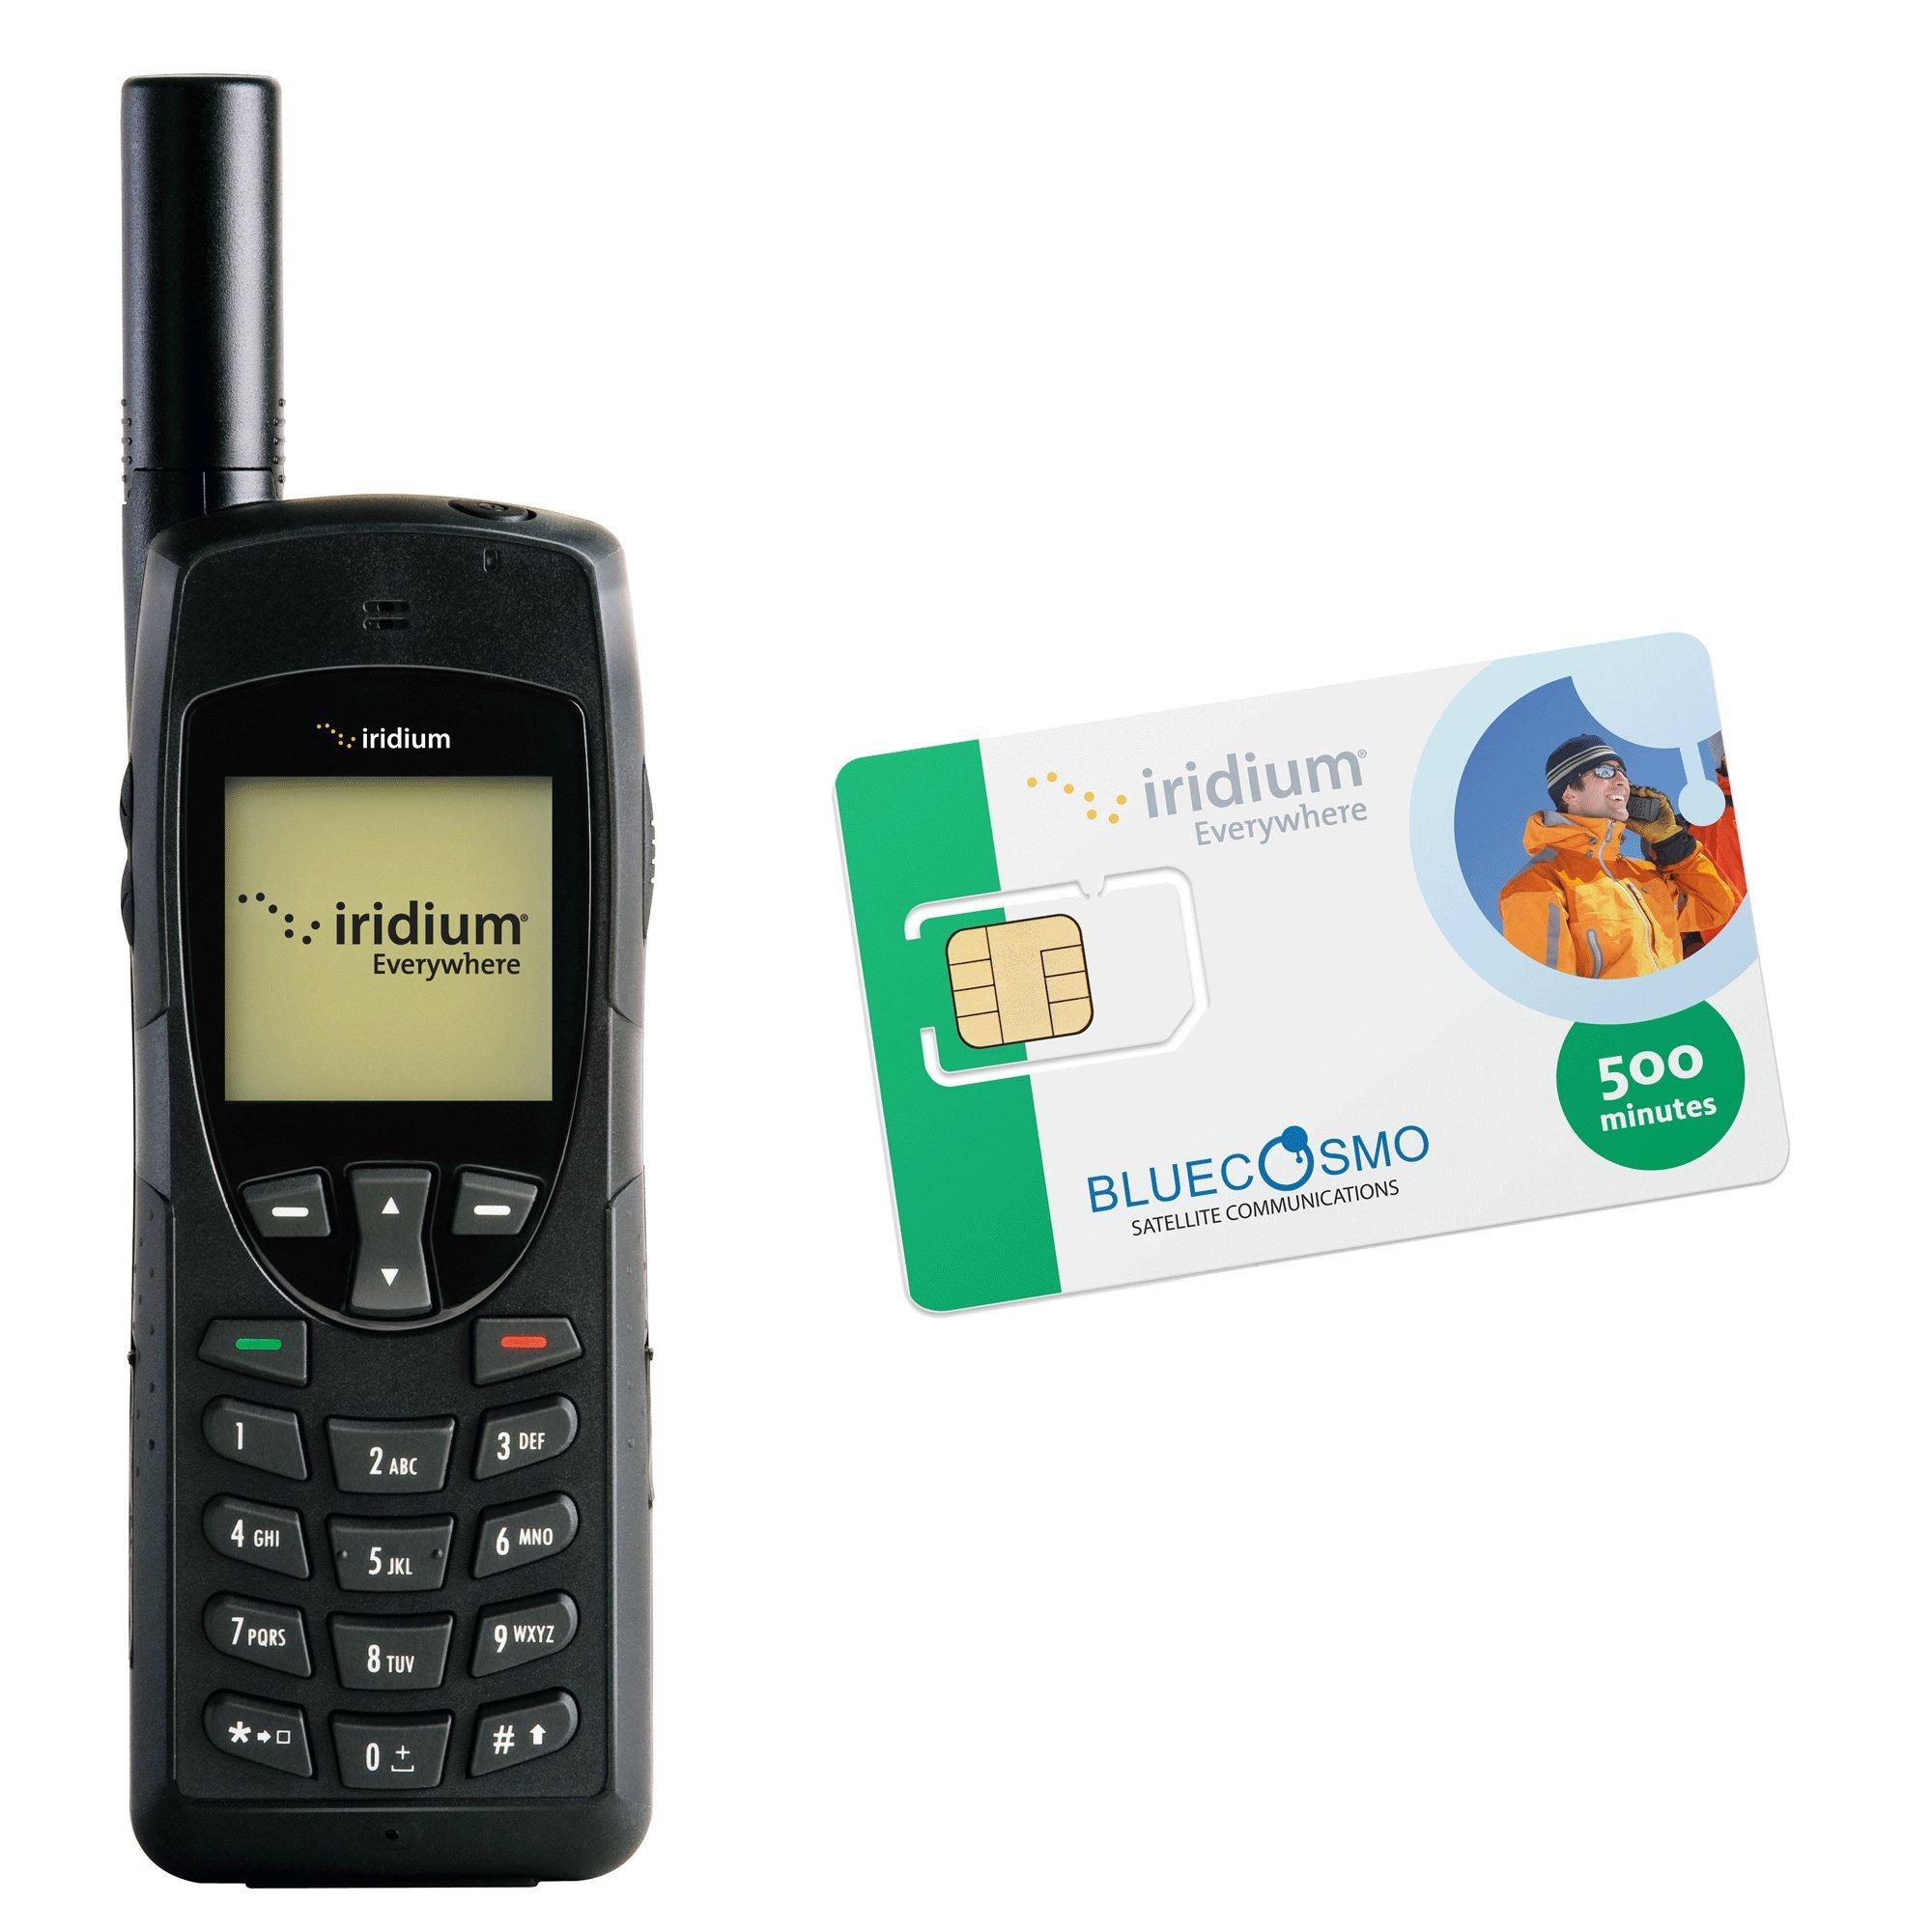 BlueCosmo Iridium 9555 Satellite Phone Kit & 500 Minute 1 Year Global Prepaid SIM